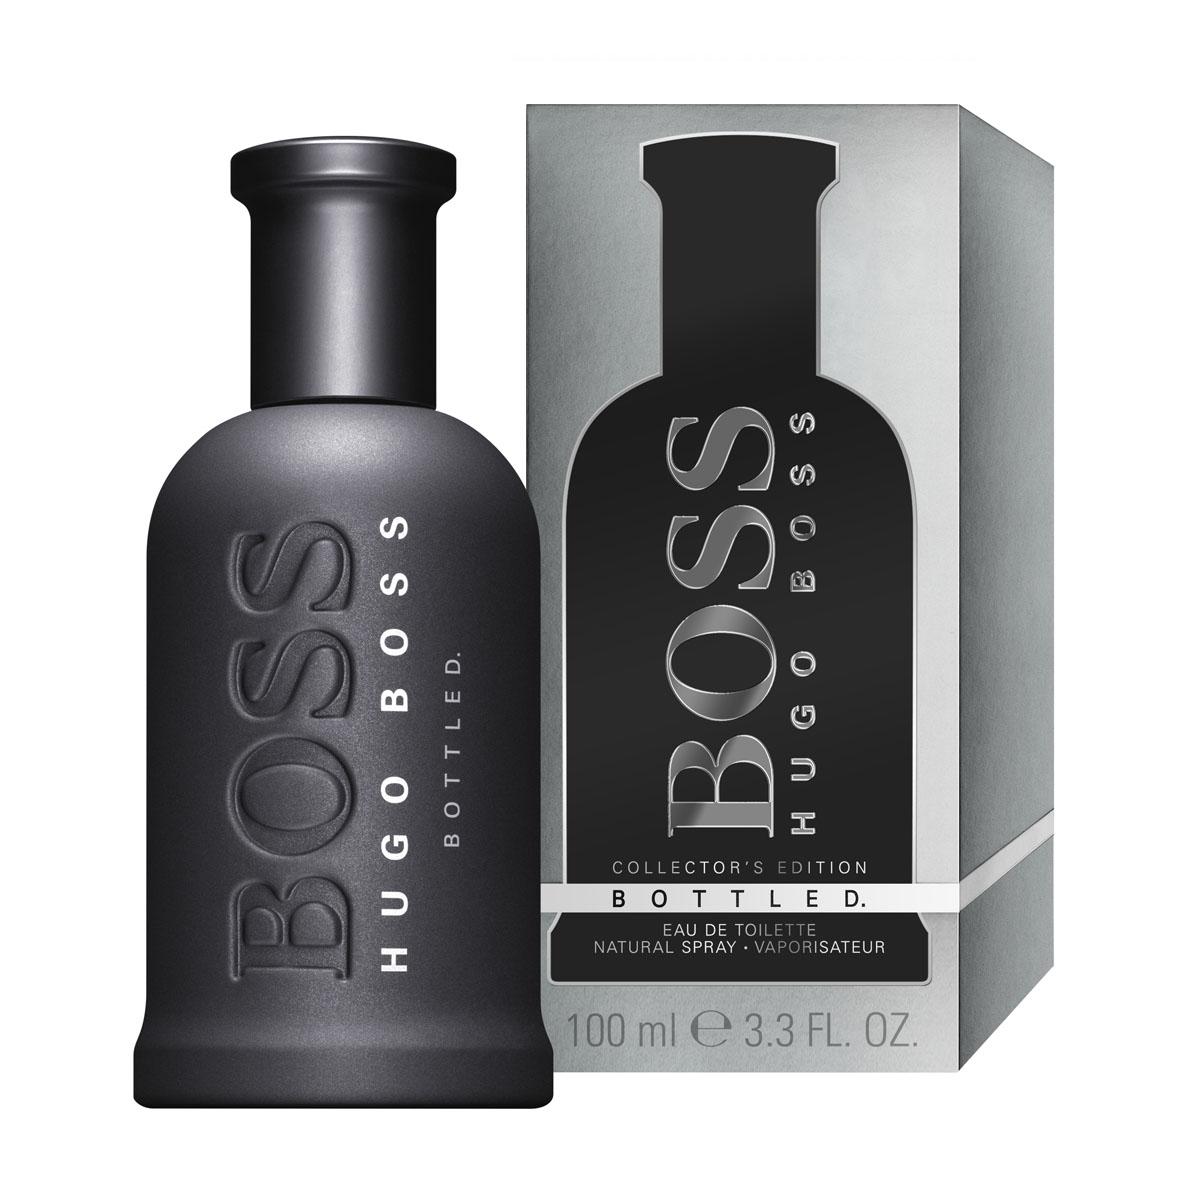 Hugo Boss Bottled Collectors Edition Туалетная вода 100 мл0737052806266Boss Collector`s Edition от Hugo Boss – мужской аромат. Классический аромат, сочетающий свежесть верхних нот, пряность сердца и сладкую теплую древесную базу. Парфюм подходит как для деловых переговоров, так и для неформального стиля одежды. Он привлечет женское внимание к мужчине, подчеркнув его мужественность, энергичность и чувство стиля.Верхняя нота: Цитрусные ноты, Яблоко.Средняя нота: Герань, Гвоздика (пряность), Корица.Шлейф: Амбра, Кедр, Мускус, Оливковое дерево, Сандал, Ветивер.Яблоко и корица - секрет успеха.Дневной и вечерний аромат.